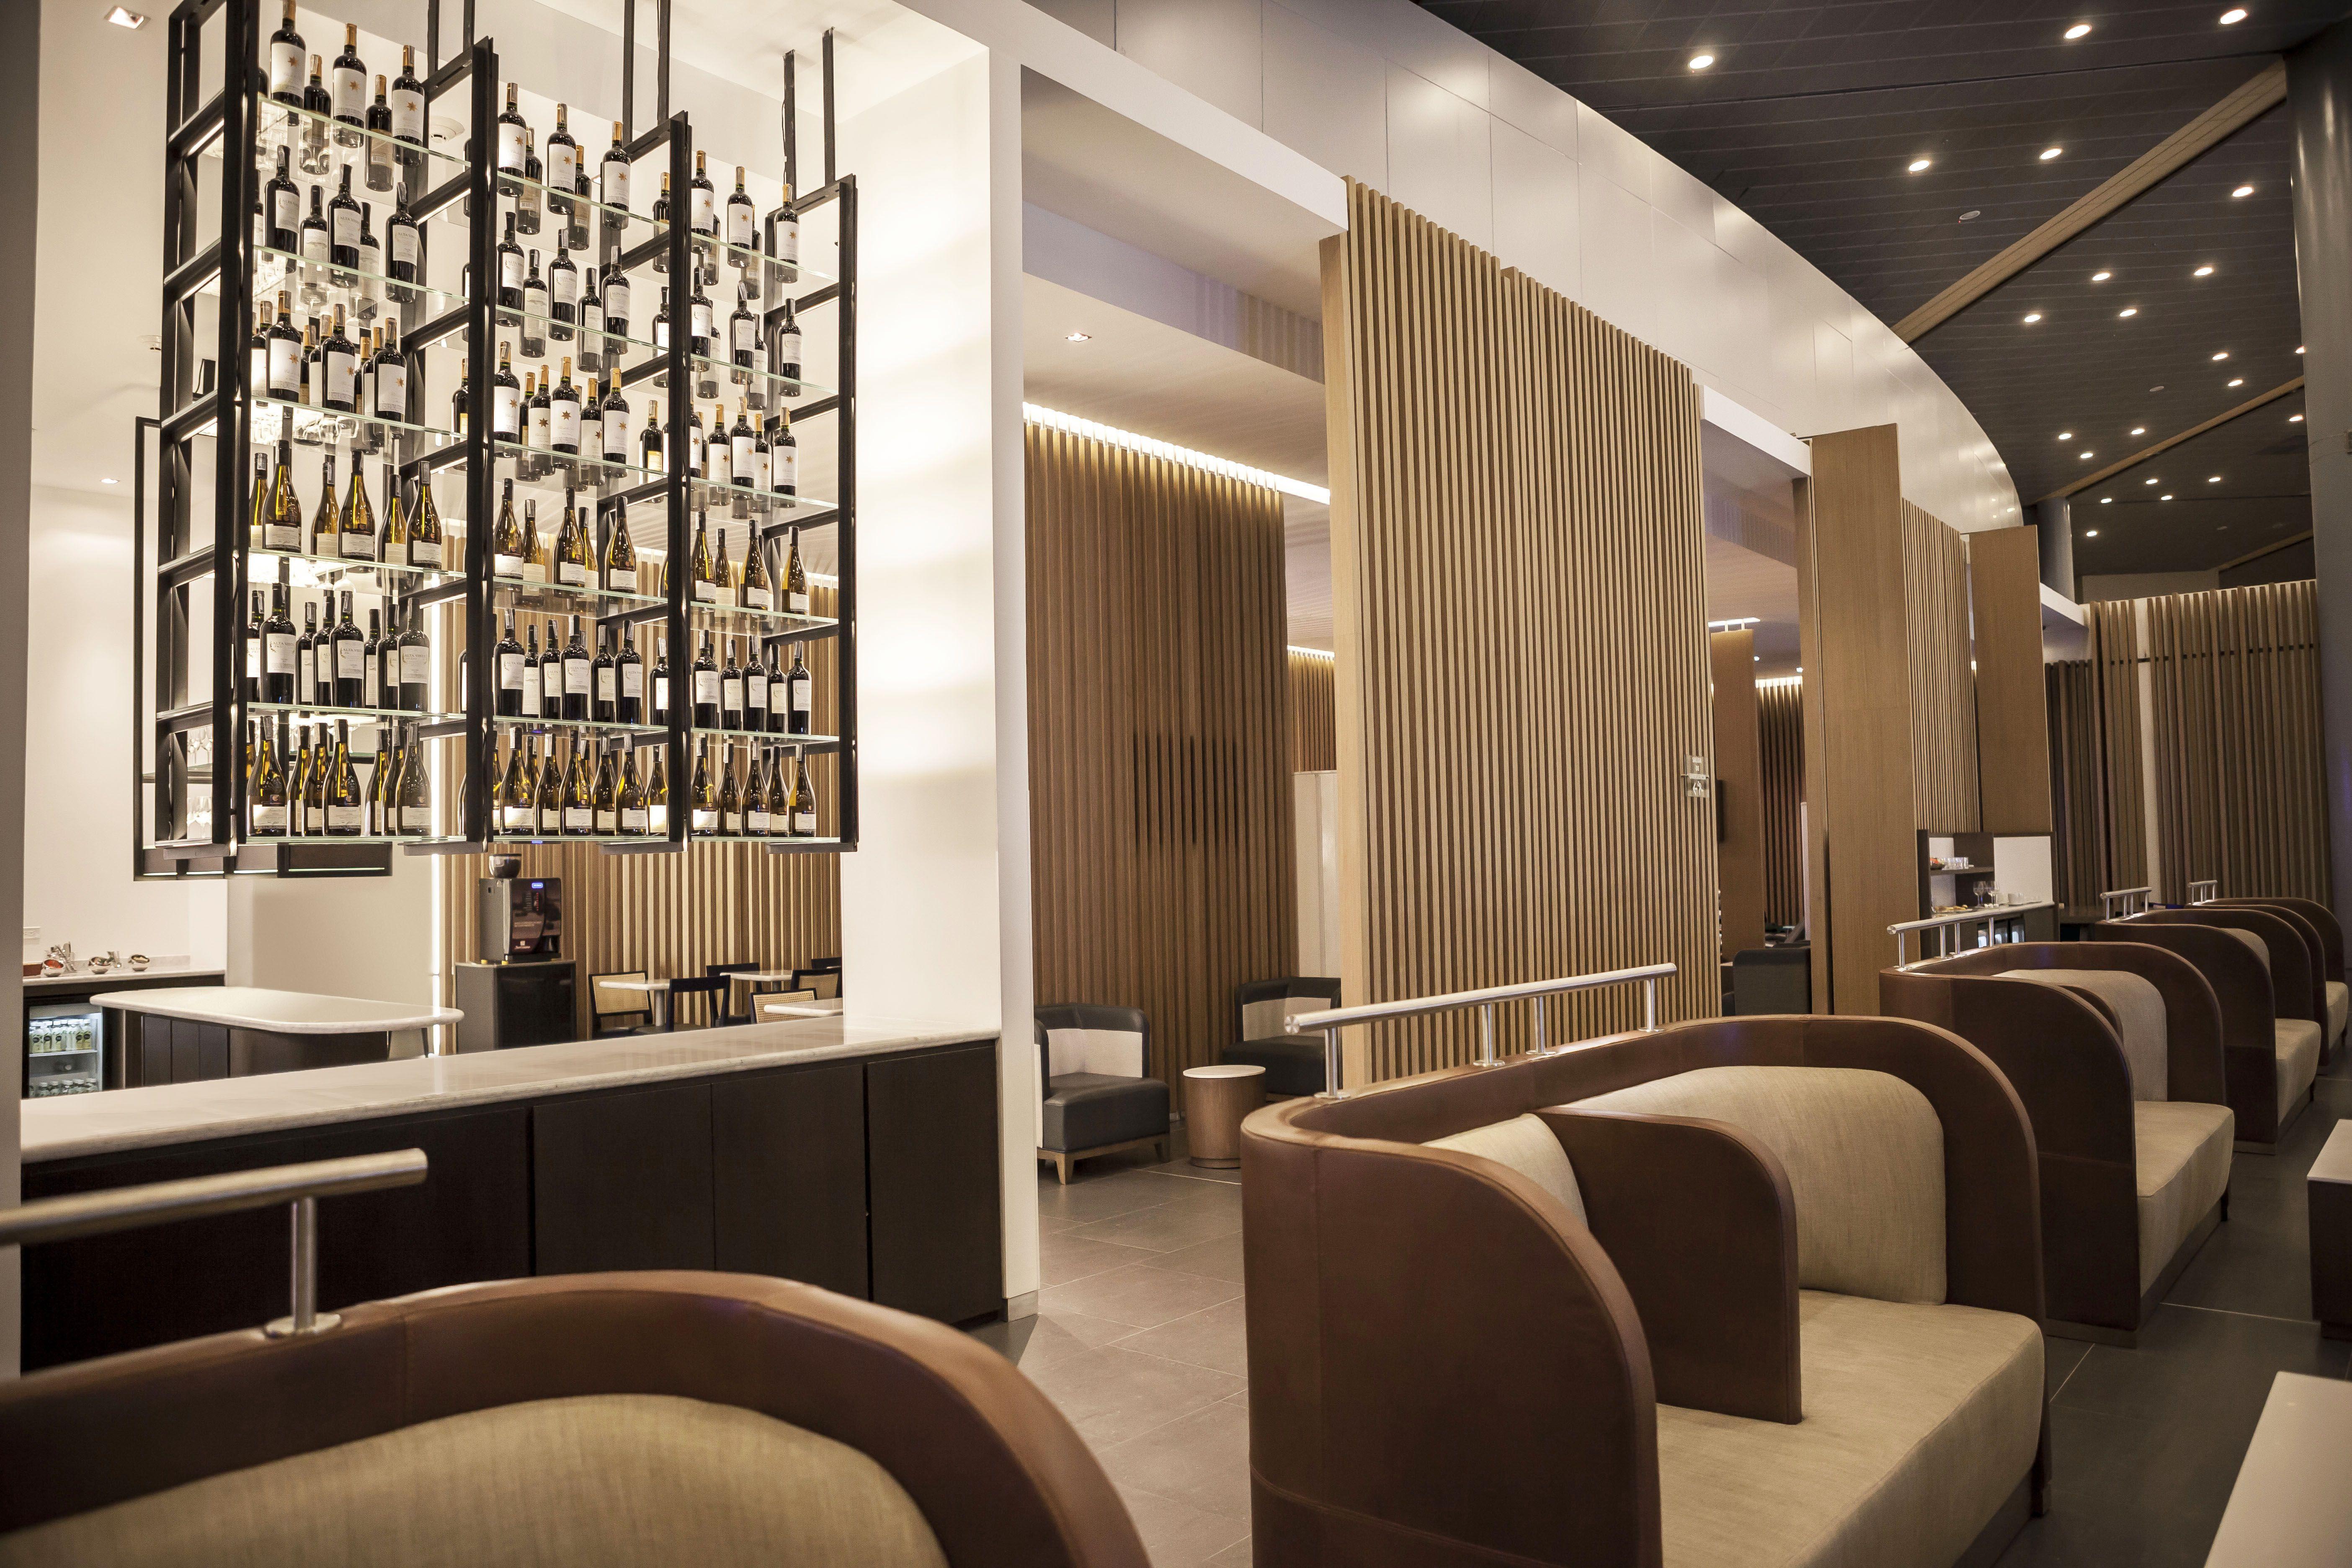 Vip lounge googleuda ara lounge vip in pinterest lounge